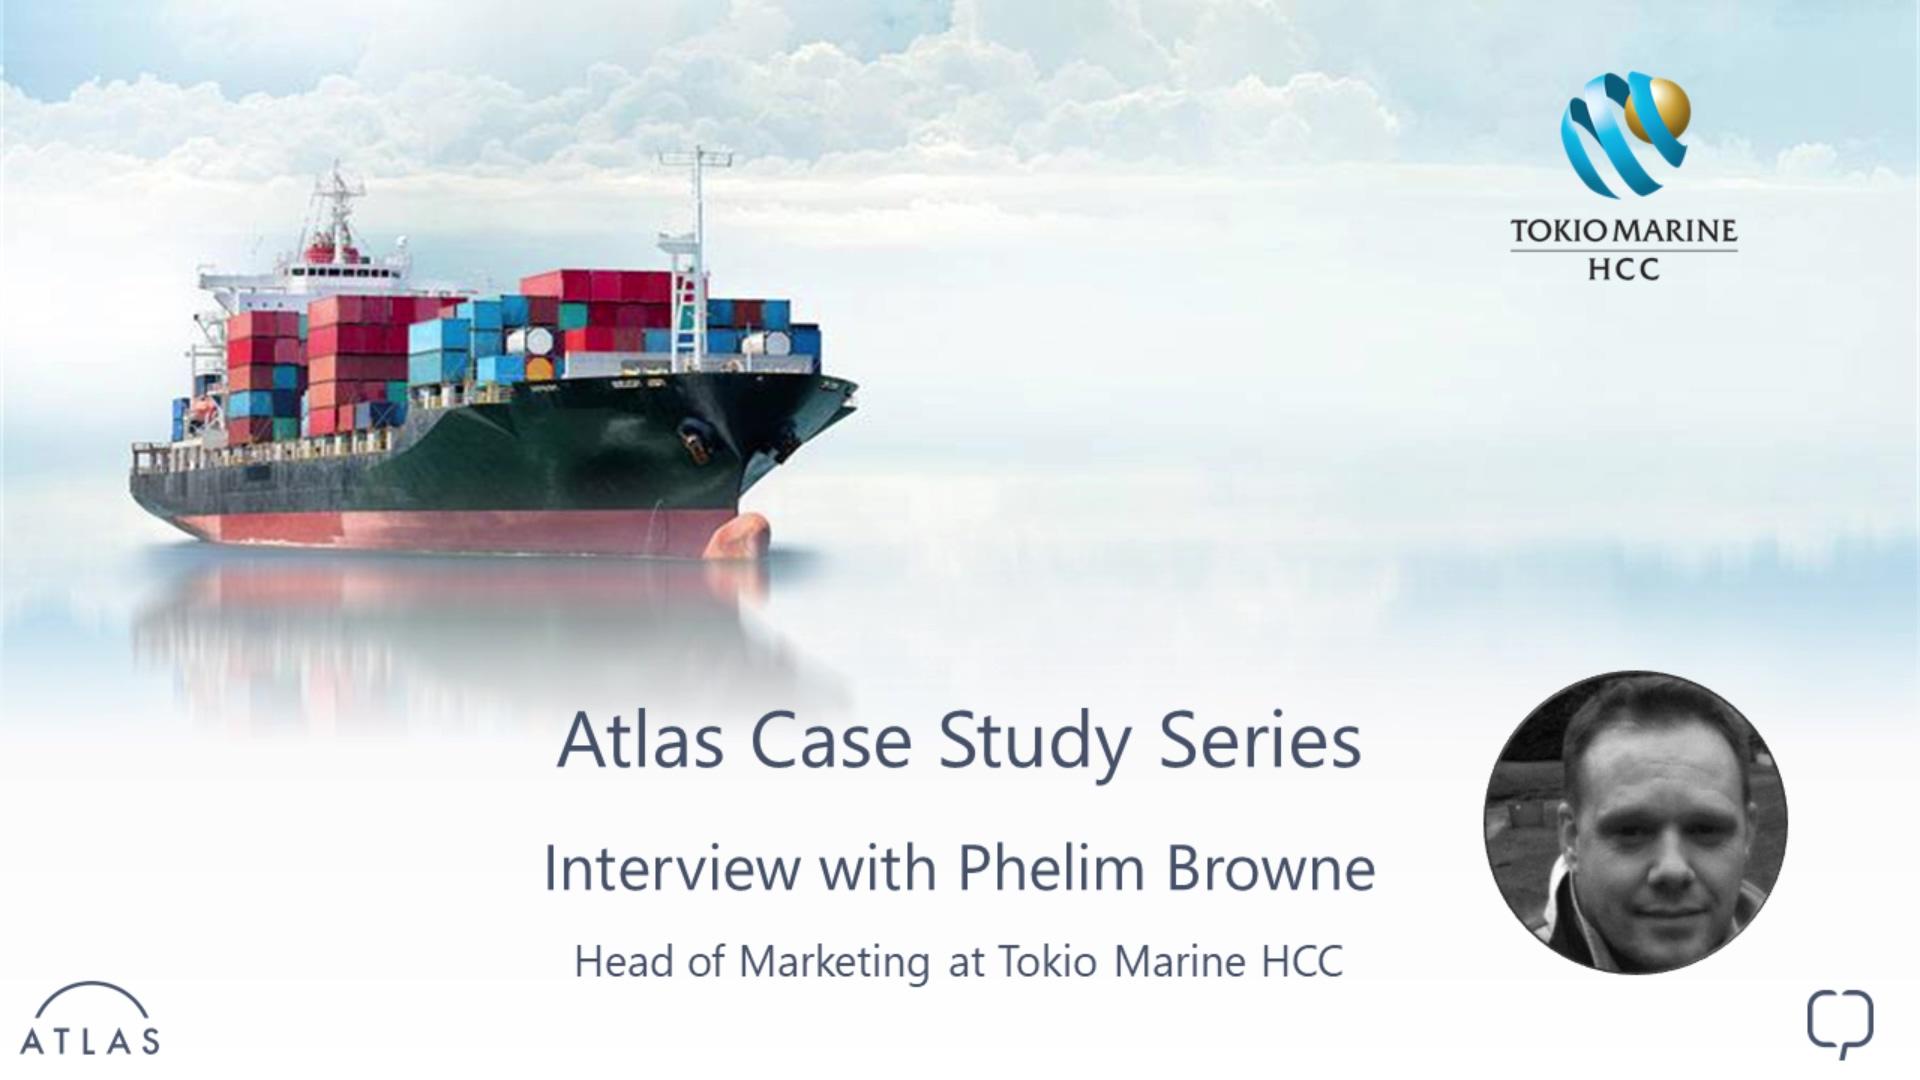 TMHCC Case Study - 001+002 - Atlas focus